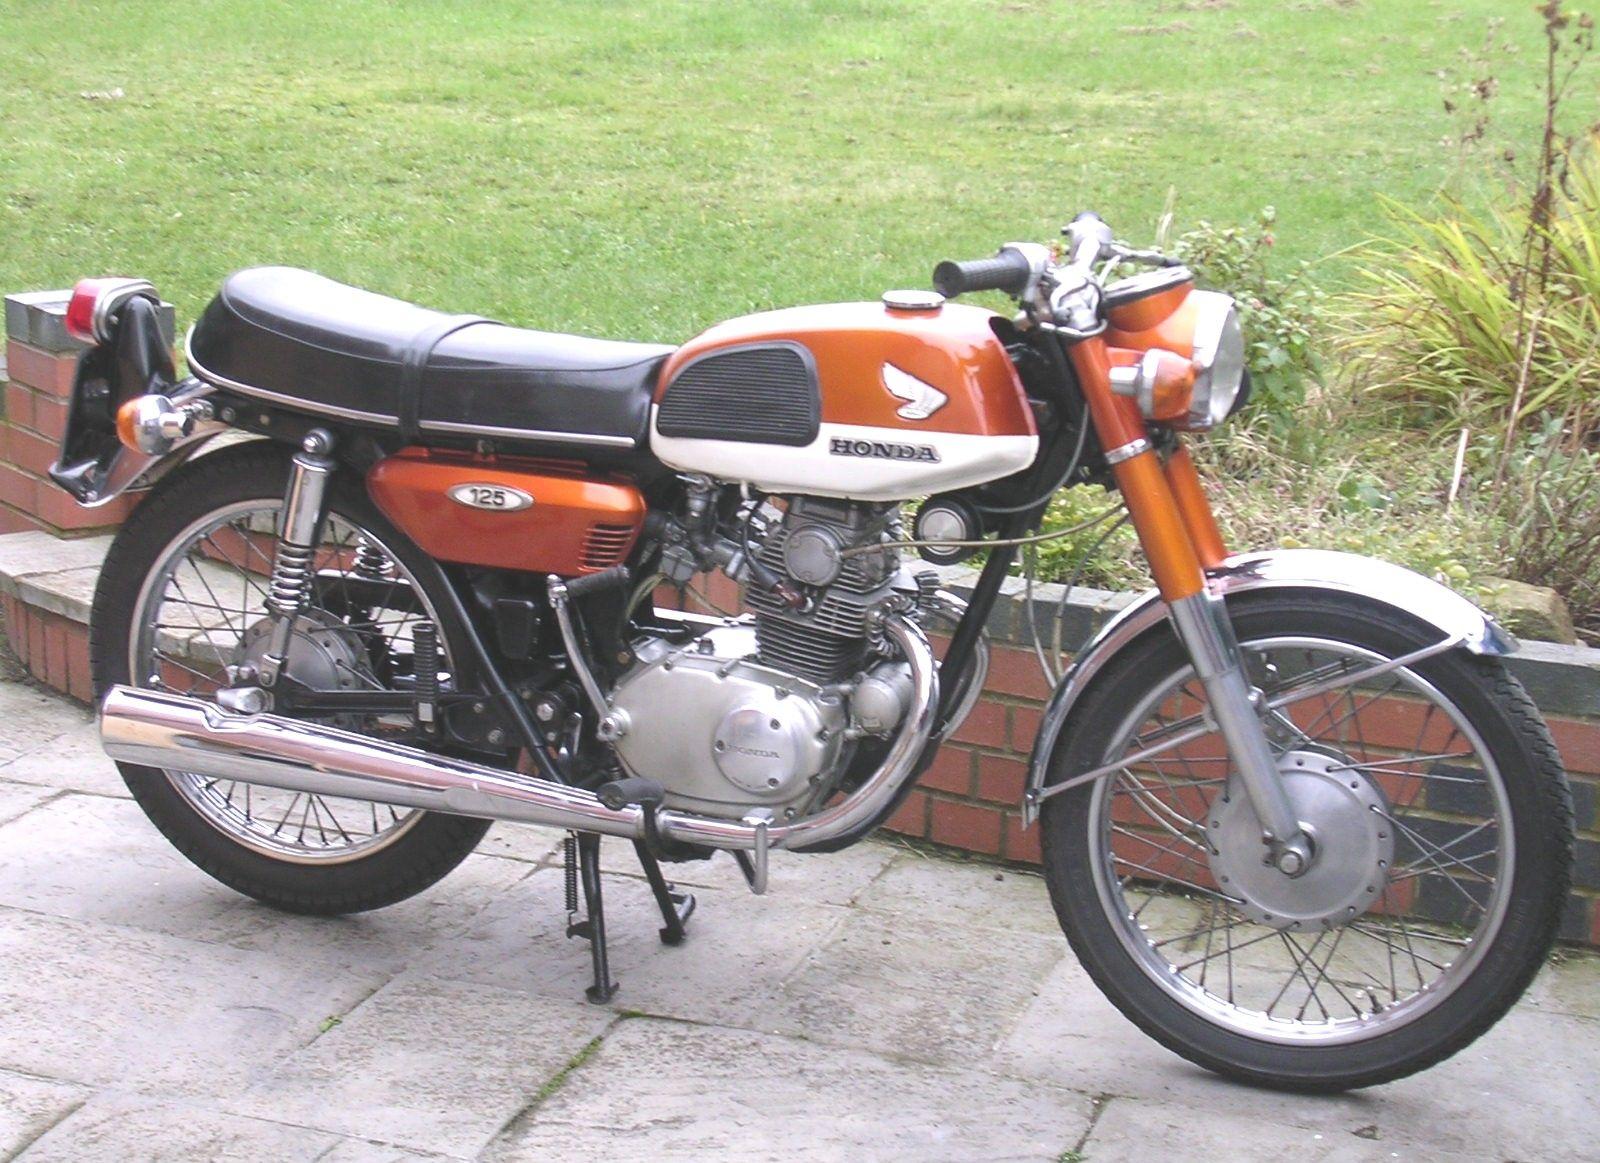 honda cb125 k4 1970 motorcycles honda cb125 honda honda 125. Black Bedroom Furniture Sets. Home Design Ideas